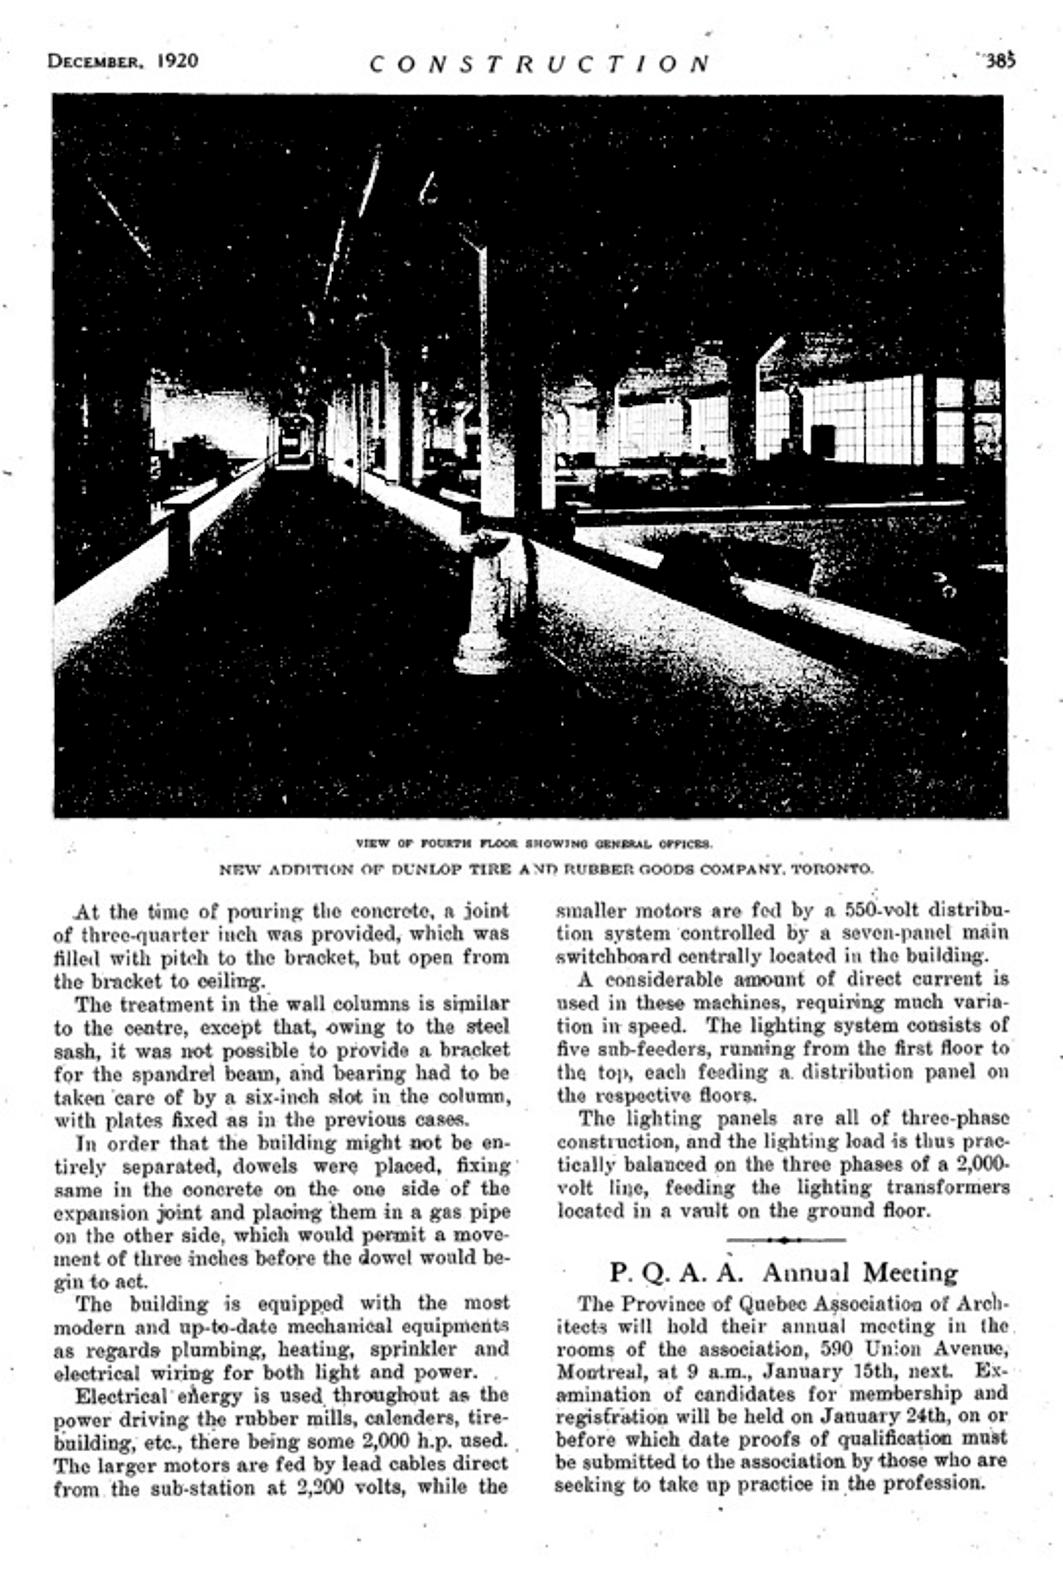 construction-vol-13-no-12-dec-1920-385